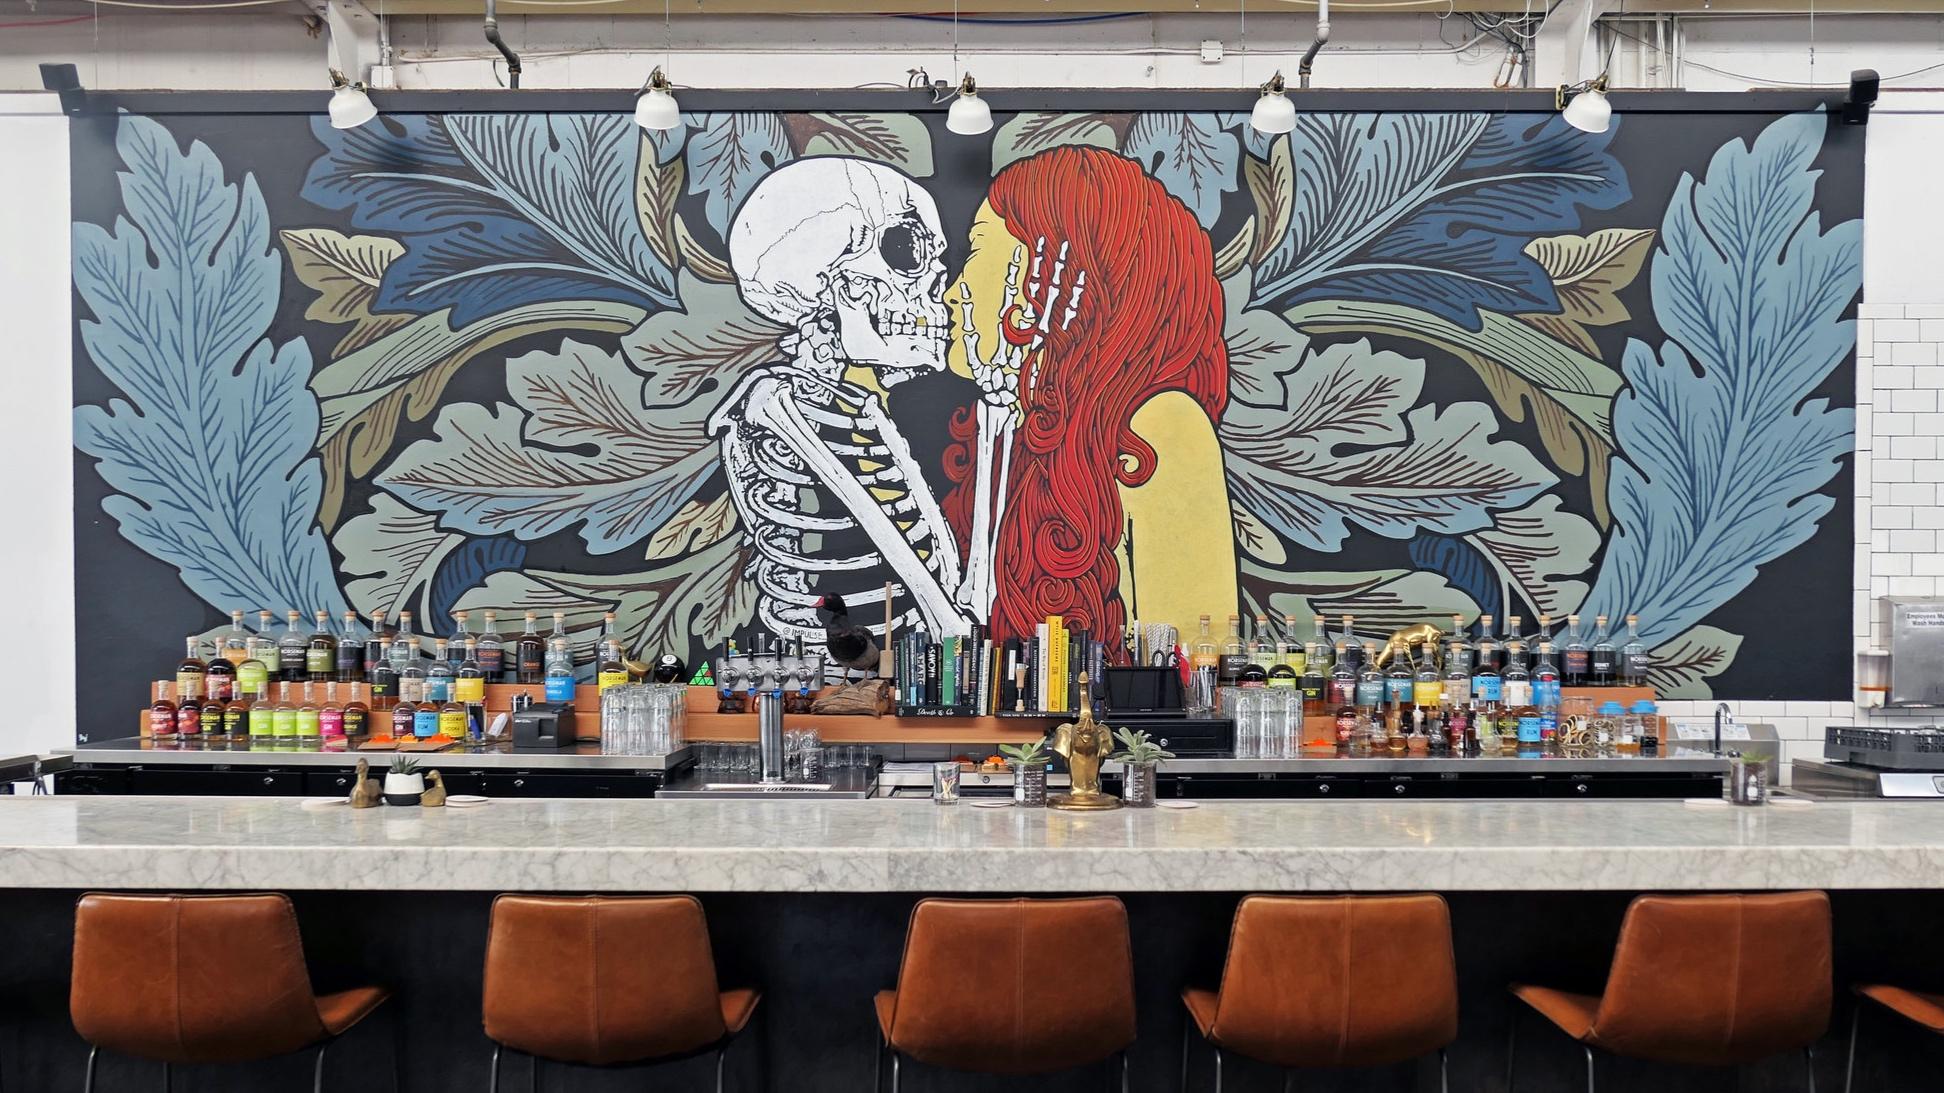 cocktail+room+mural.jpg